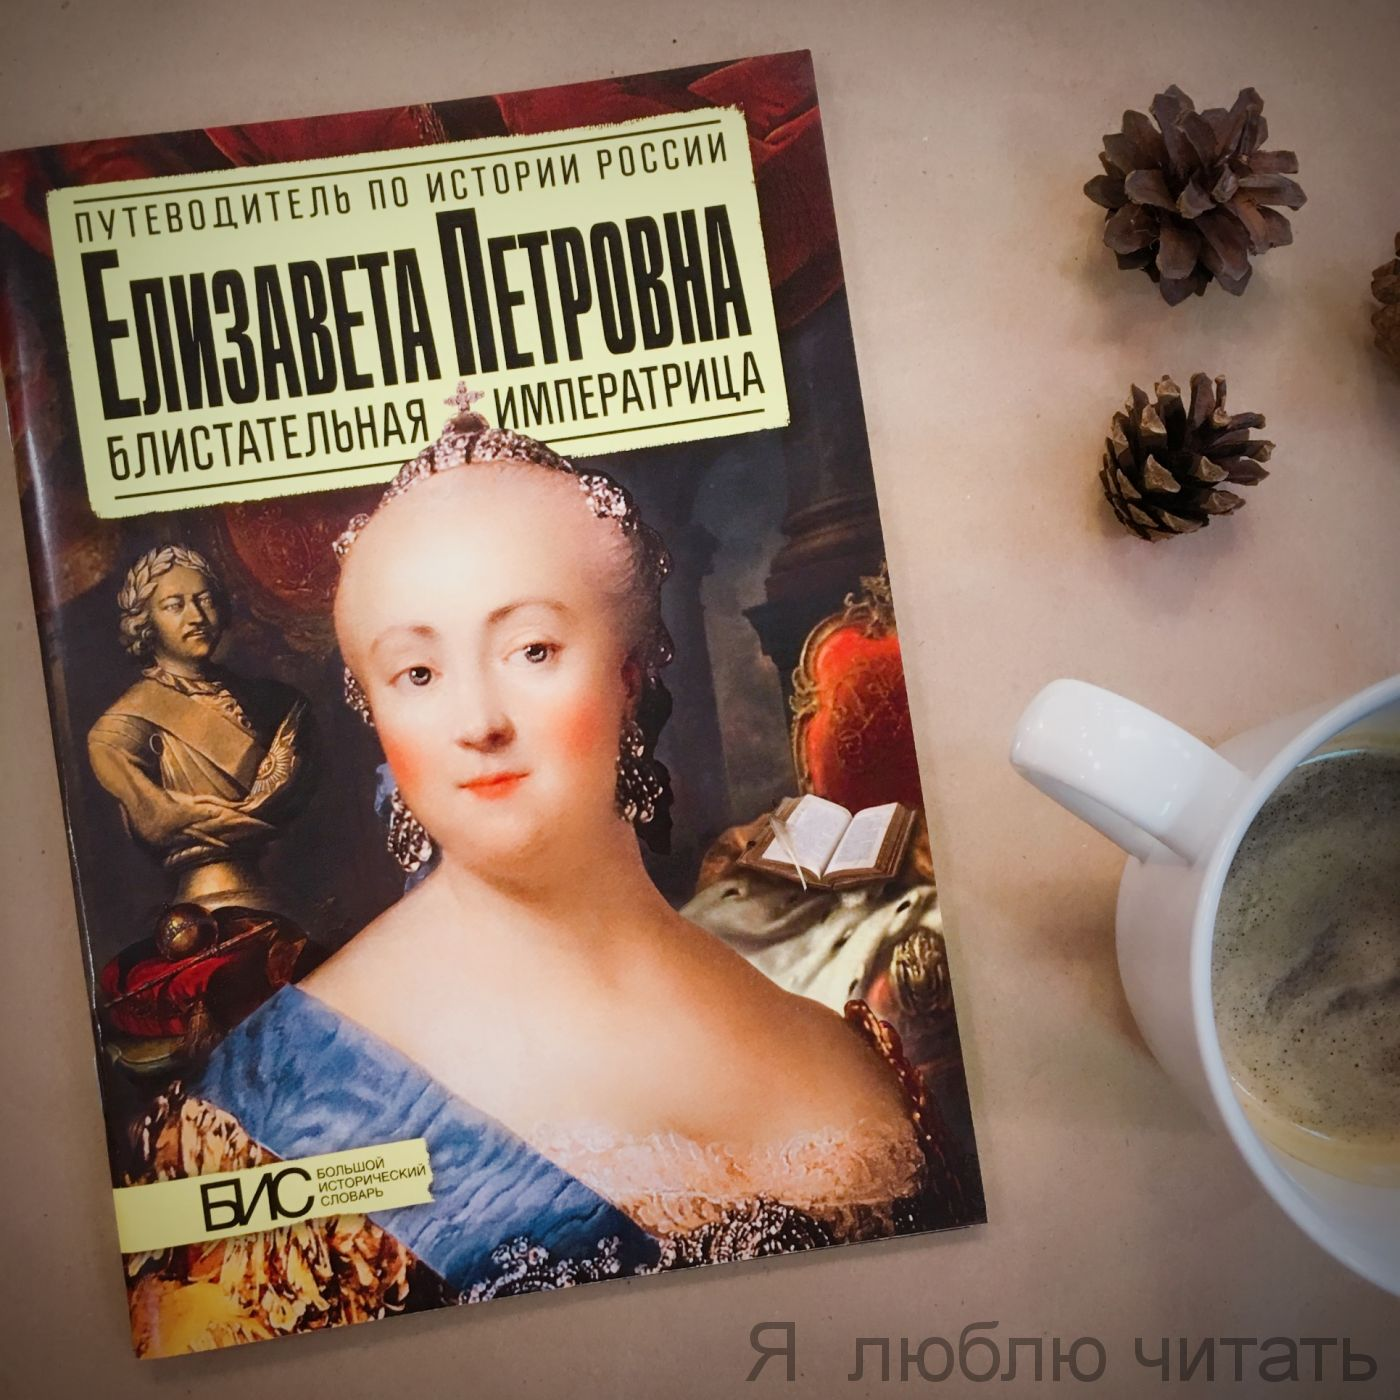 Елизавета Петровна. Блистательная императрица